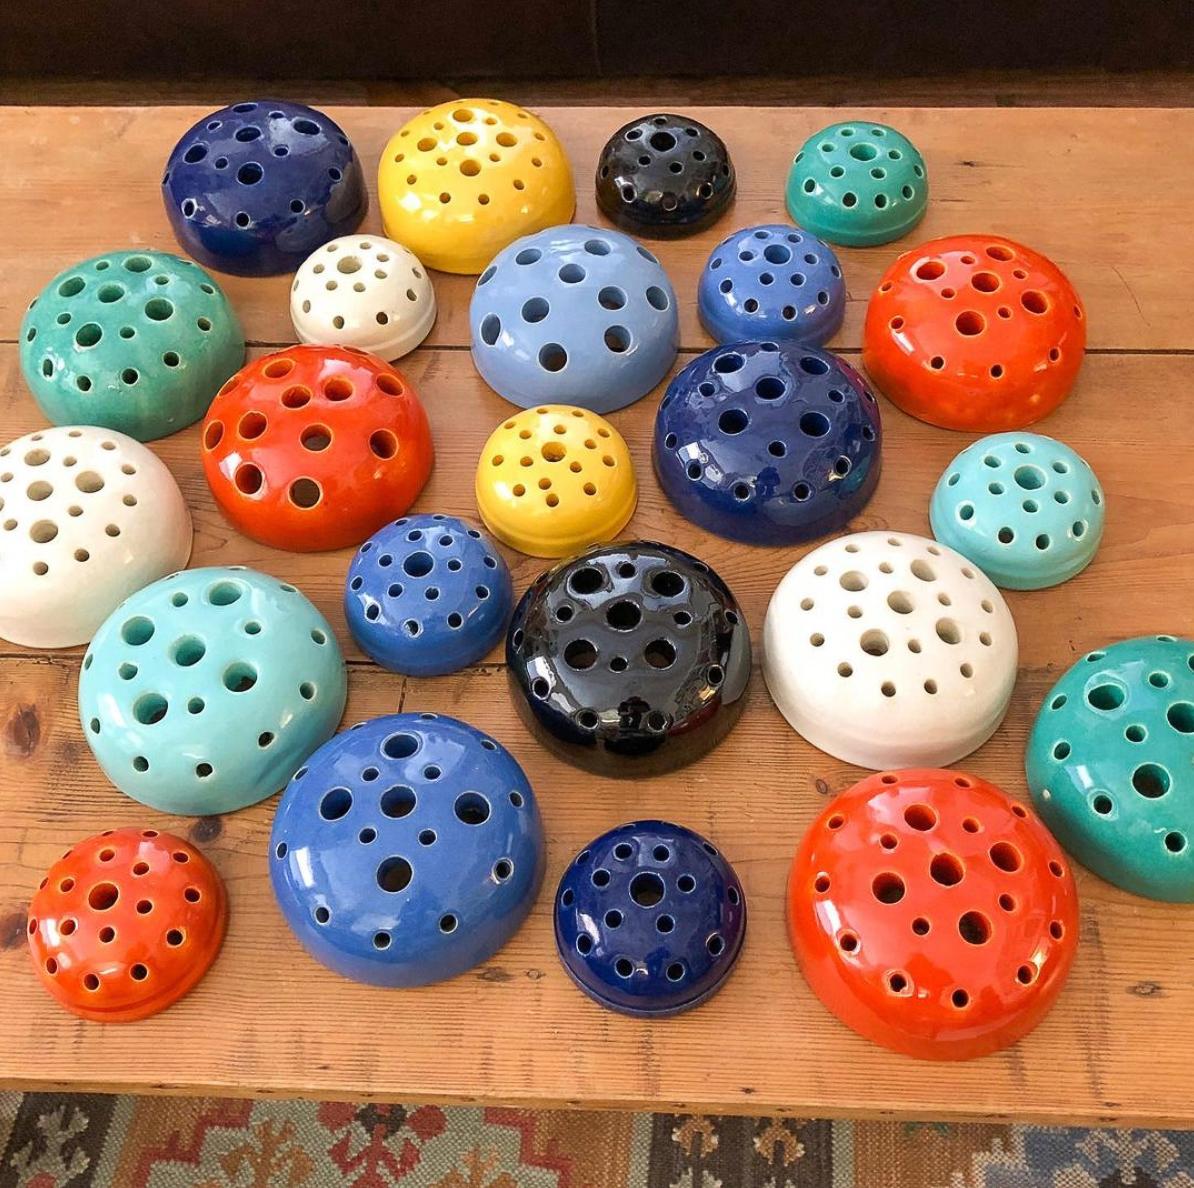 Vintage porcelain flower frogs kellyelko.com